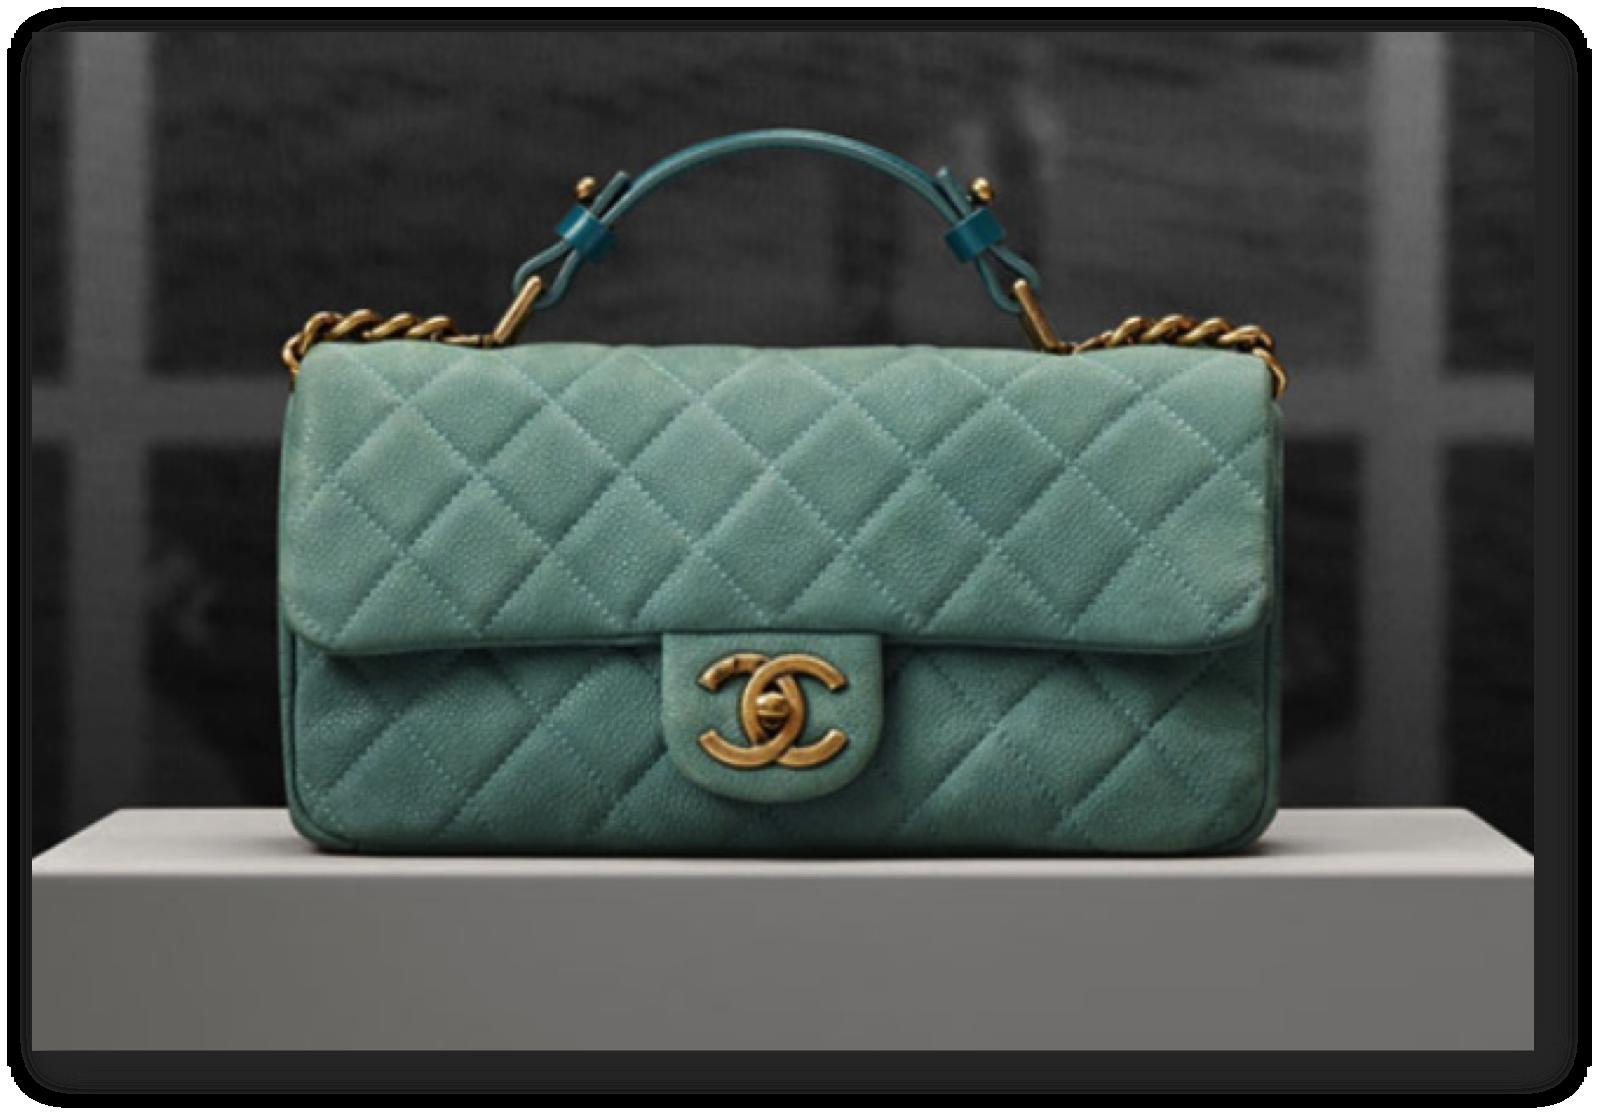 DESIGNER-handbag-trends-2013_chanel-bag-2013_CHANEL-BAG-TRENDS_THE-CHANEL-BAG-2014-COLLECTION_CHANEL-INSPIRED-TRENDS_CHEAP-CHANEL-BAGS_NEW-CHANEL-BAG_COLOURFUL-CHANEL-BAG-ACCESSORIES